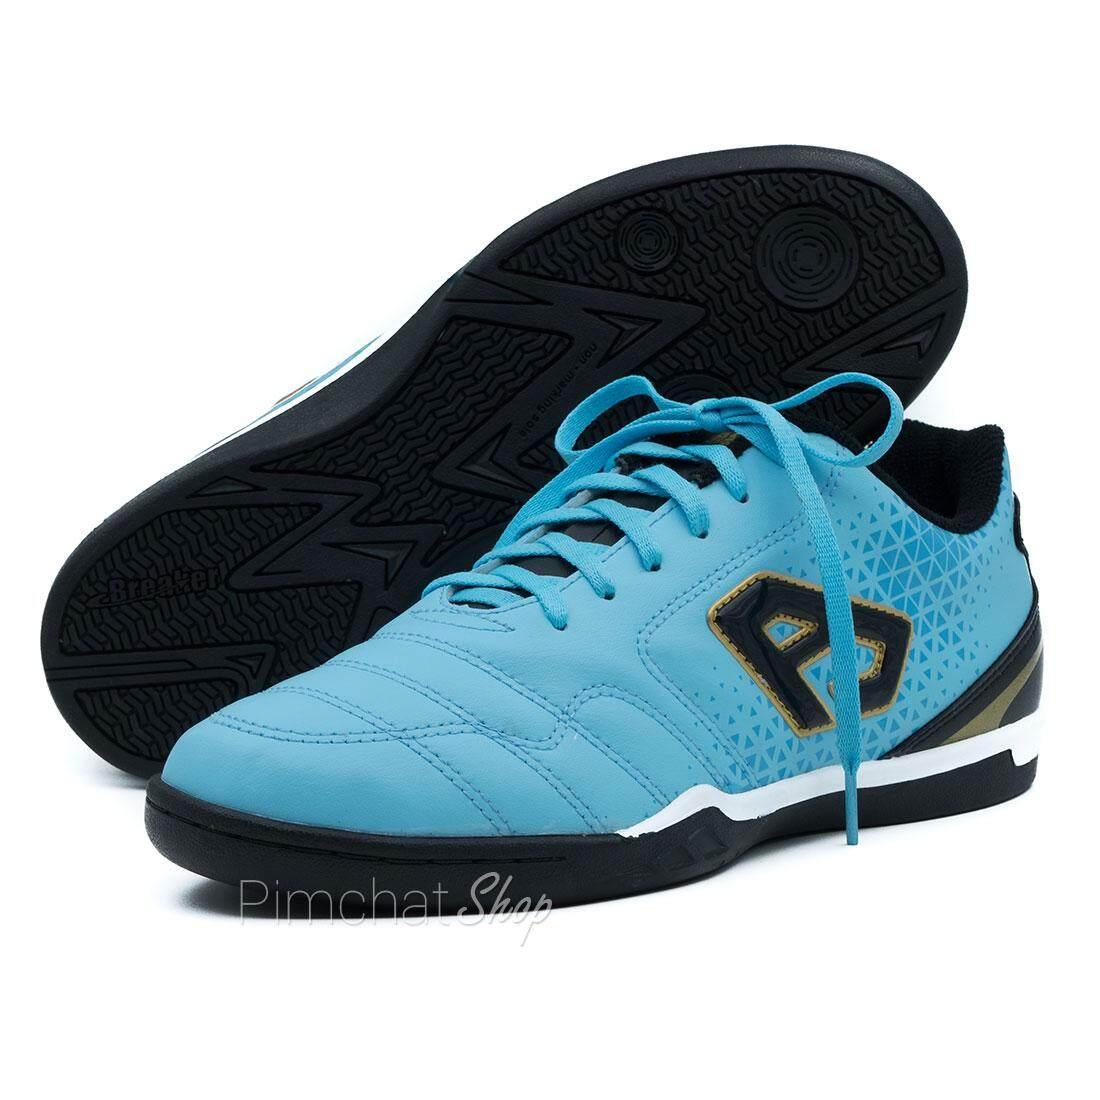 Breaker รองเท้าฟุตซอล รองเท้ากีฬา รุ่น BK117 สีฟ้า